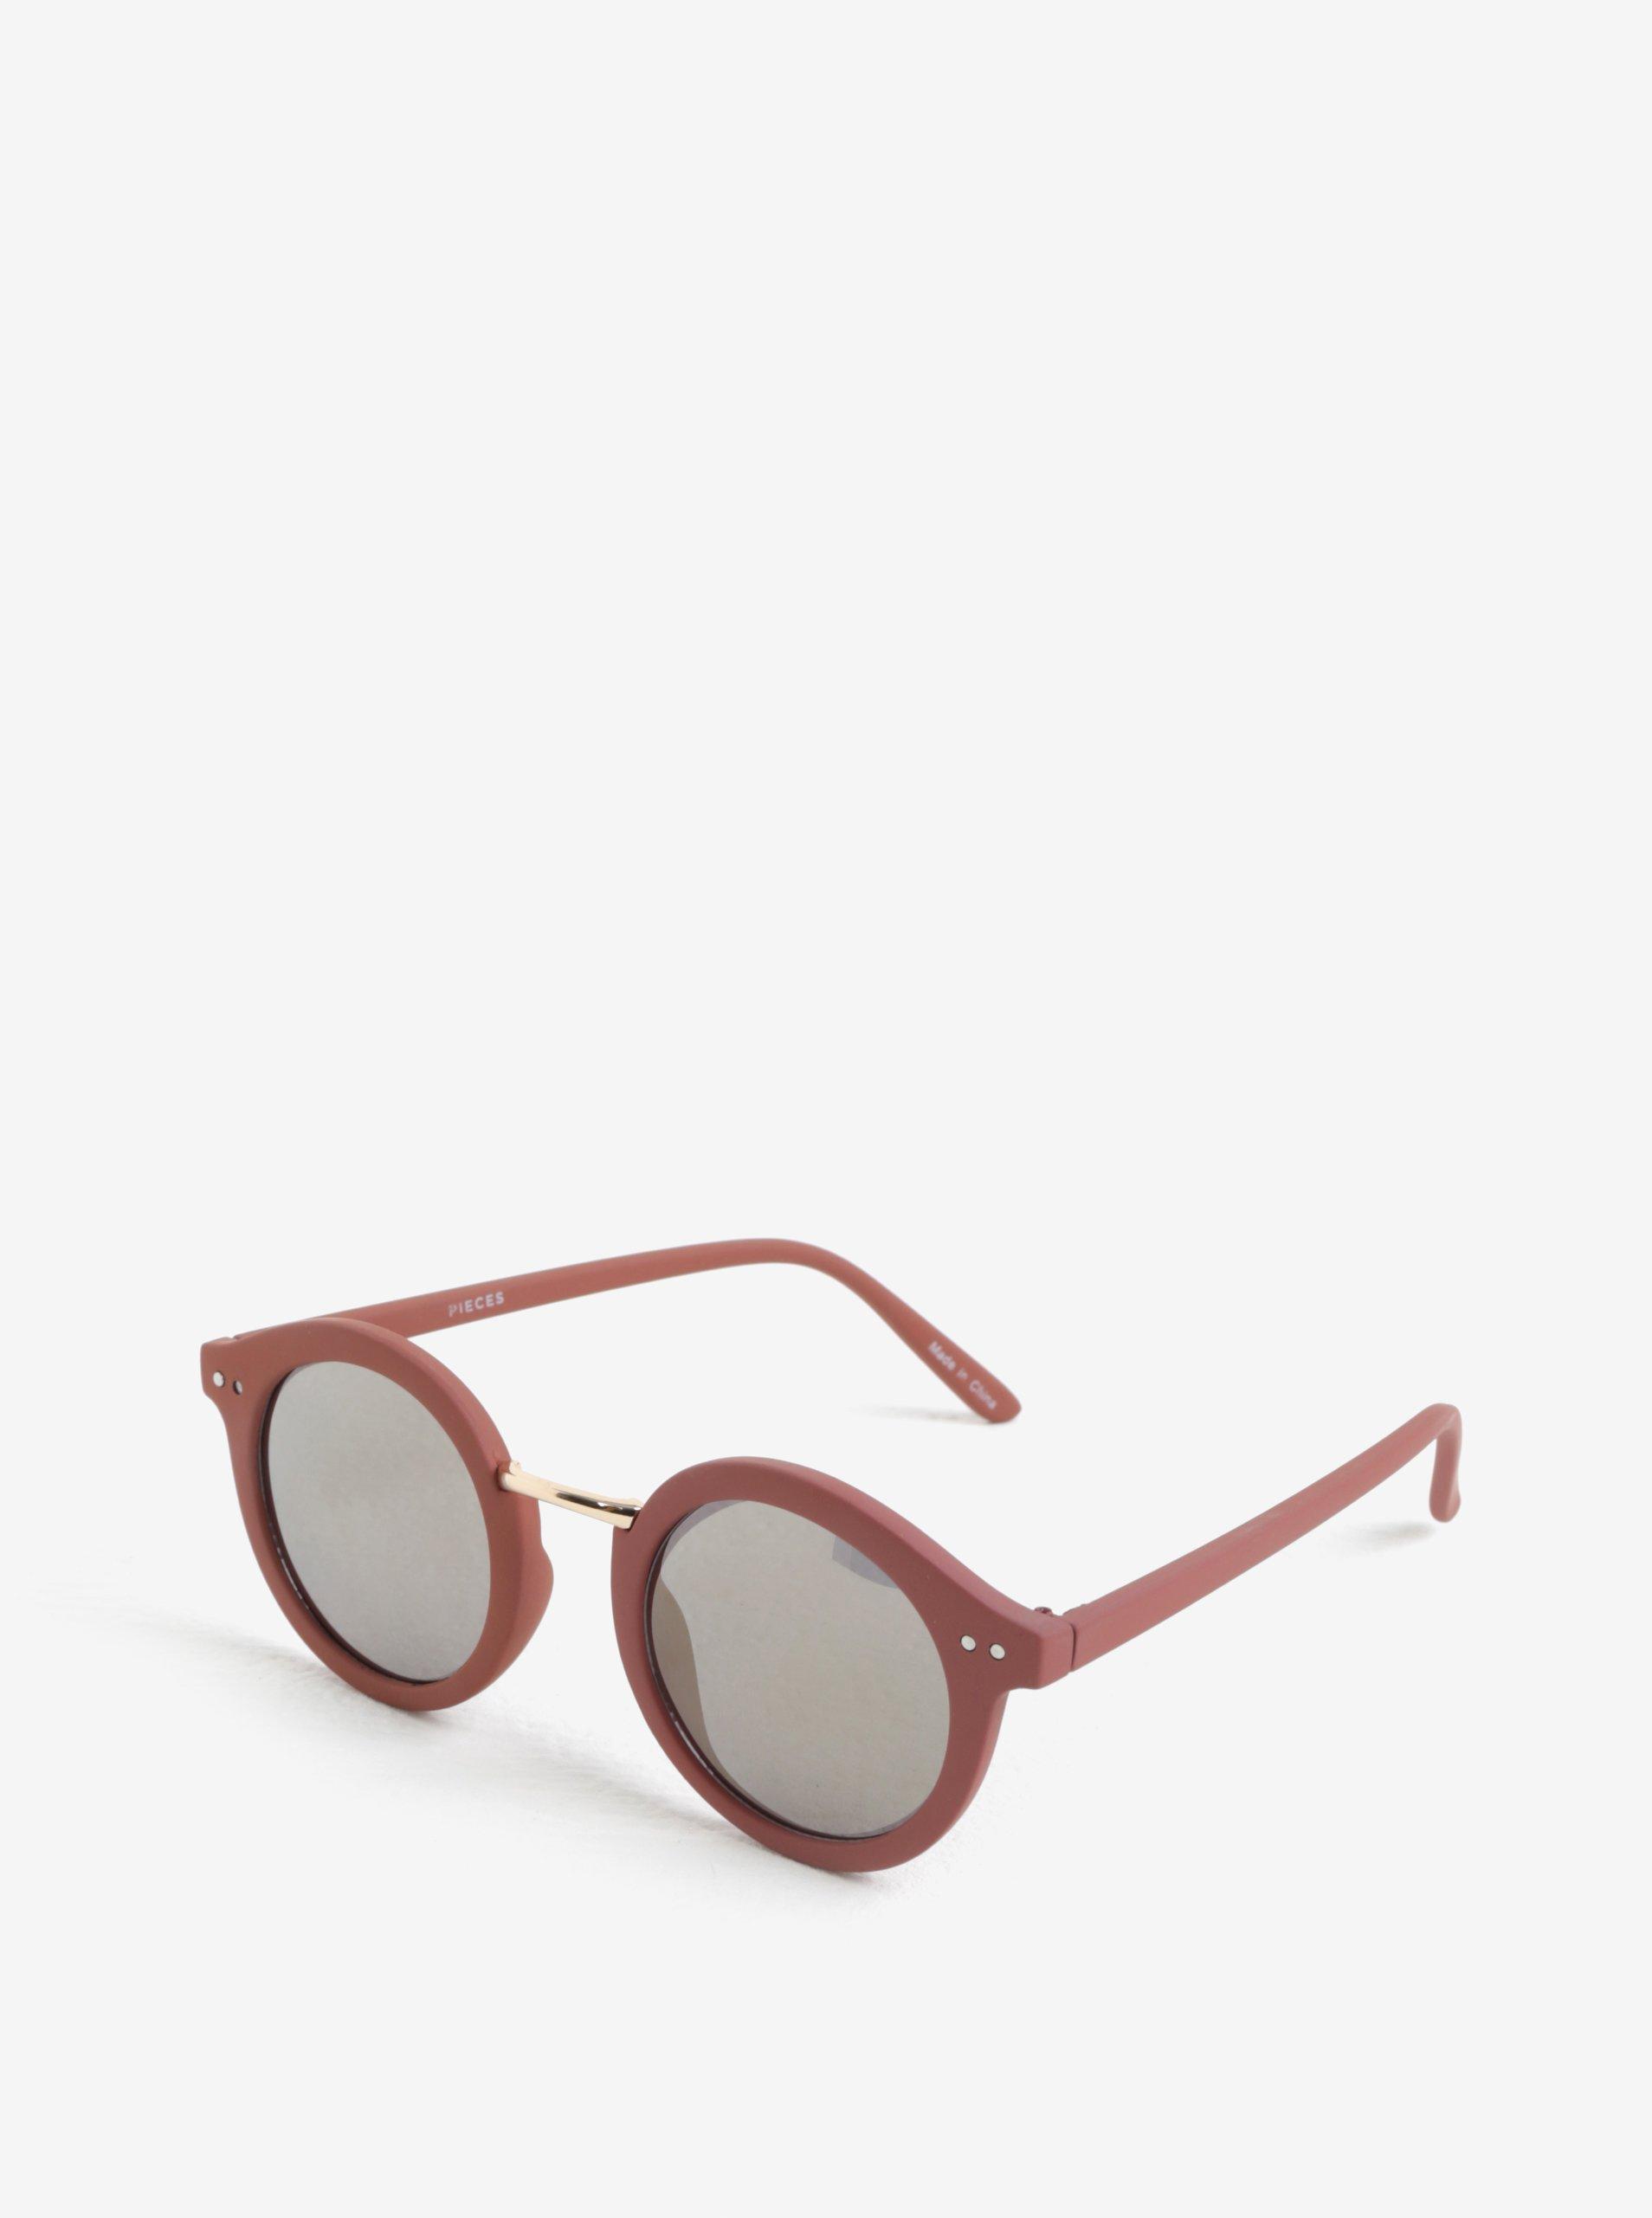 67d02f5a8 Svetloružové okrúhle slnečné okuliare Pieces Ino | Moda.sk